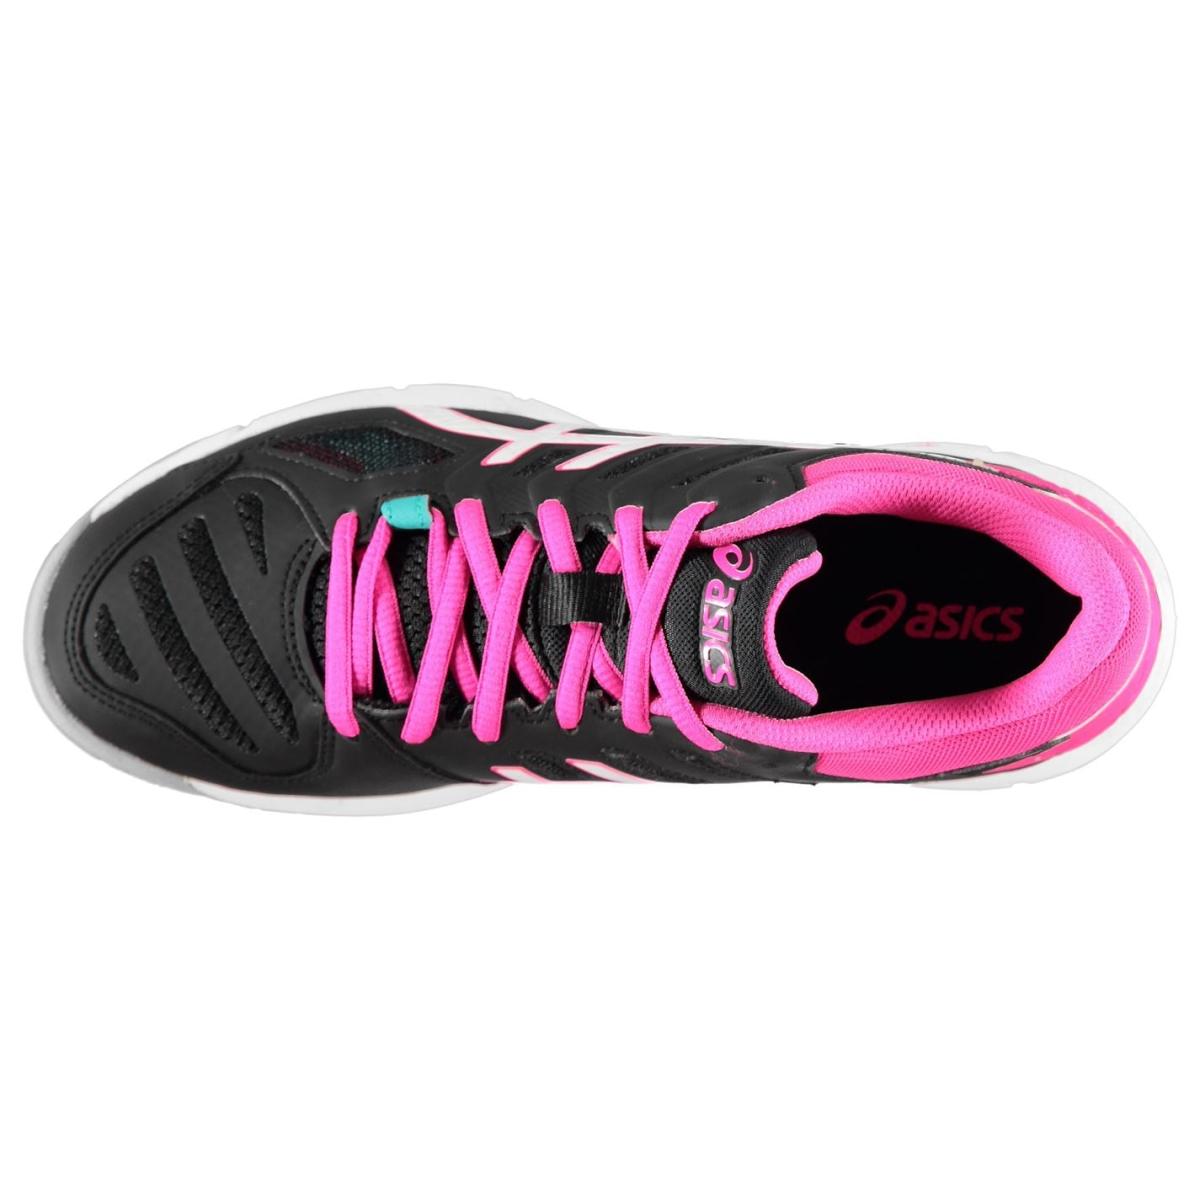 Asics-Gel-Beyond-5-Turnschuhe-Damen-Sneaker-Sportschuhe-Laufschuhe-0477 Indexbild 4